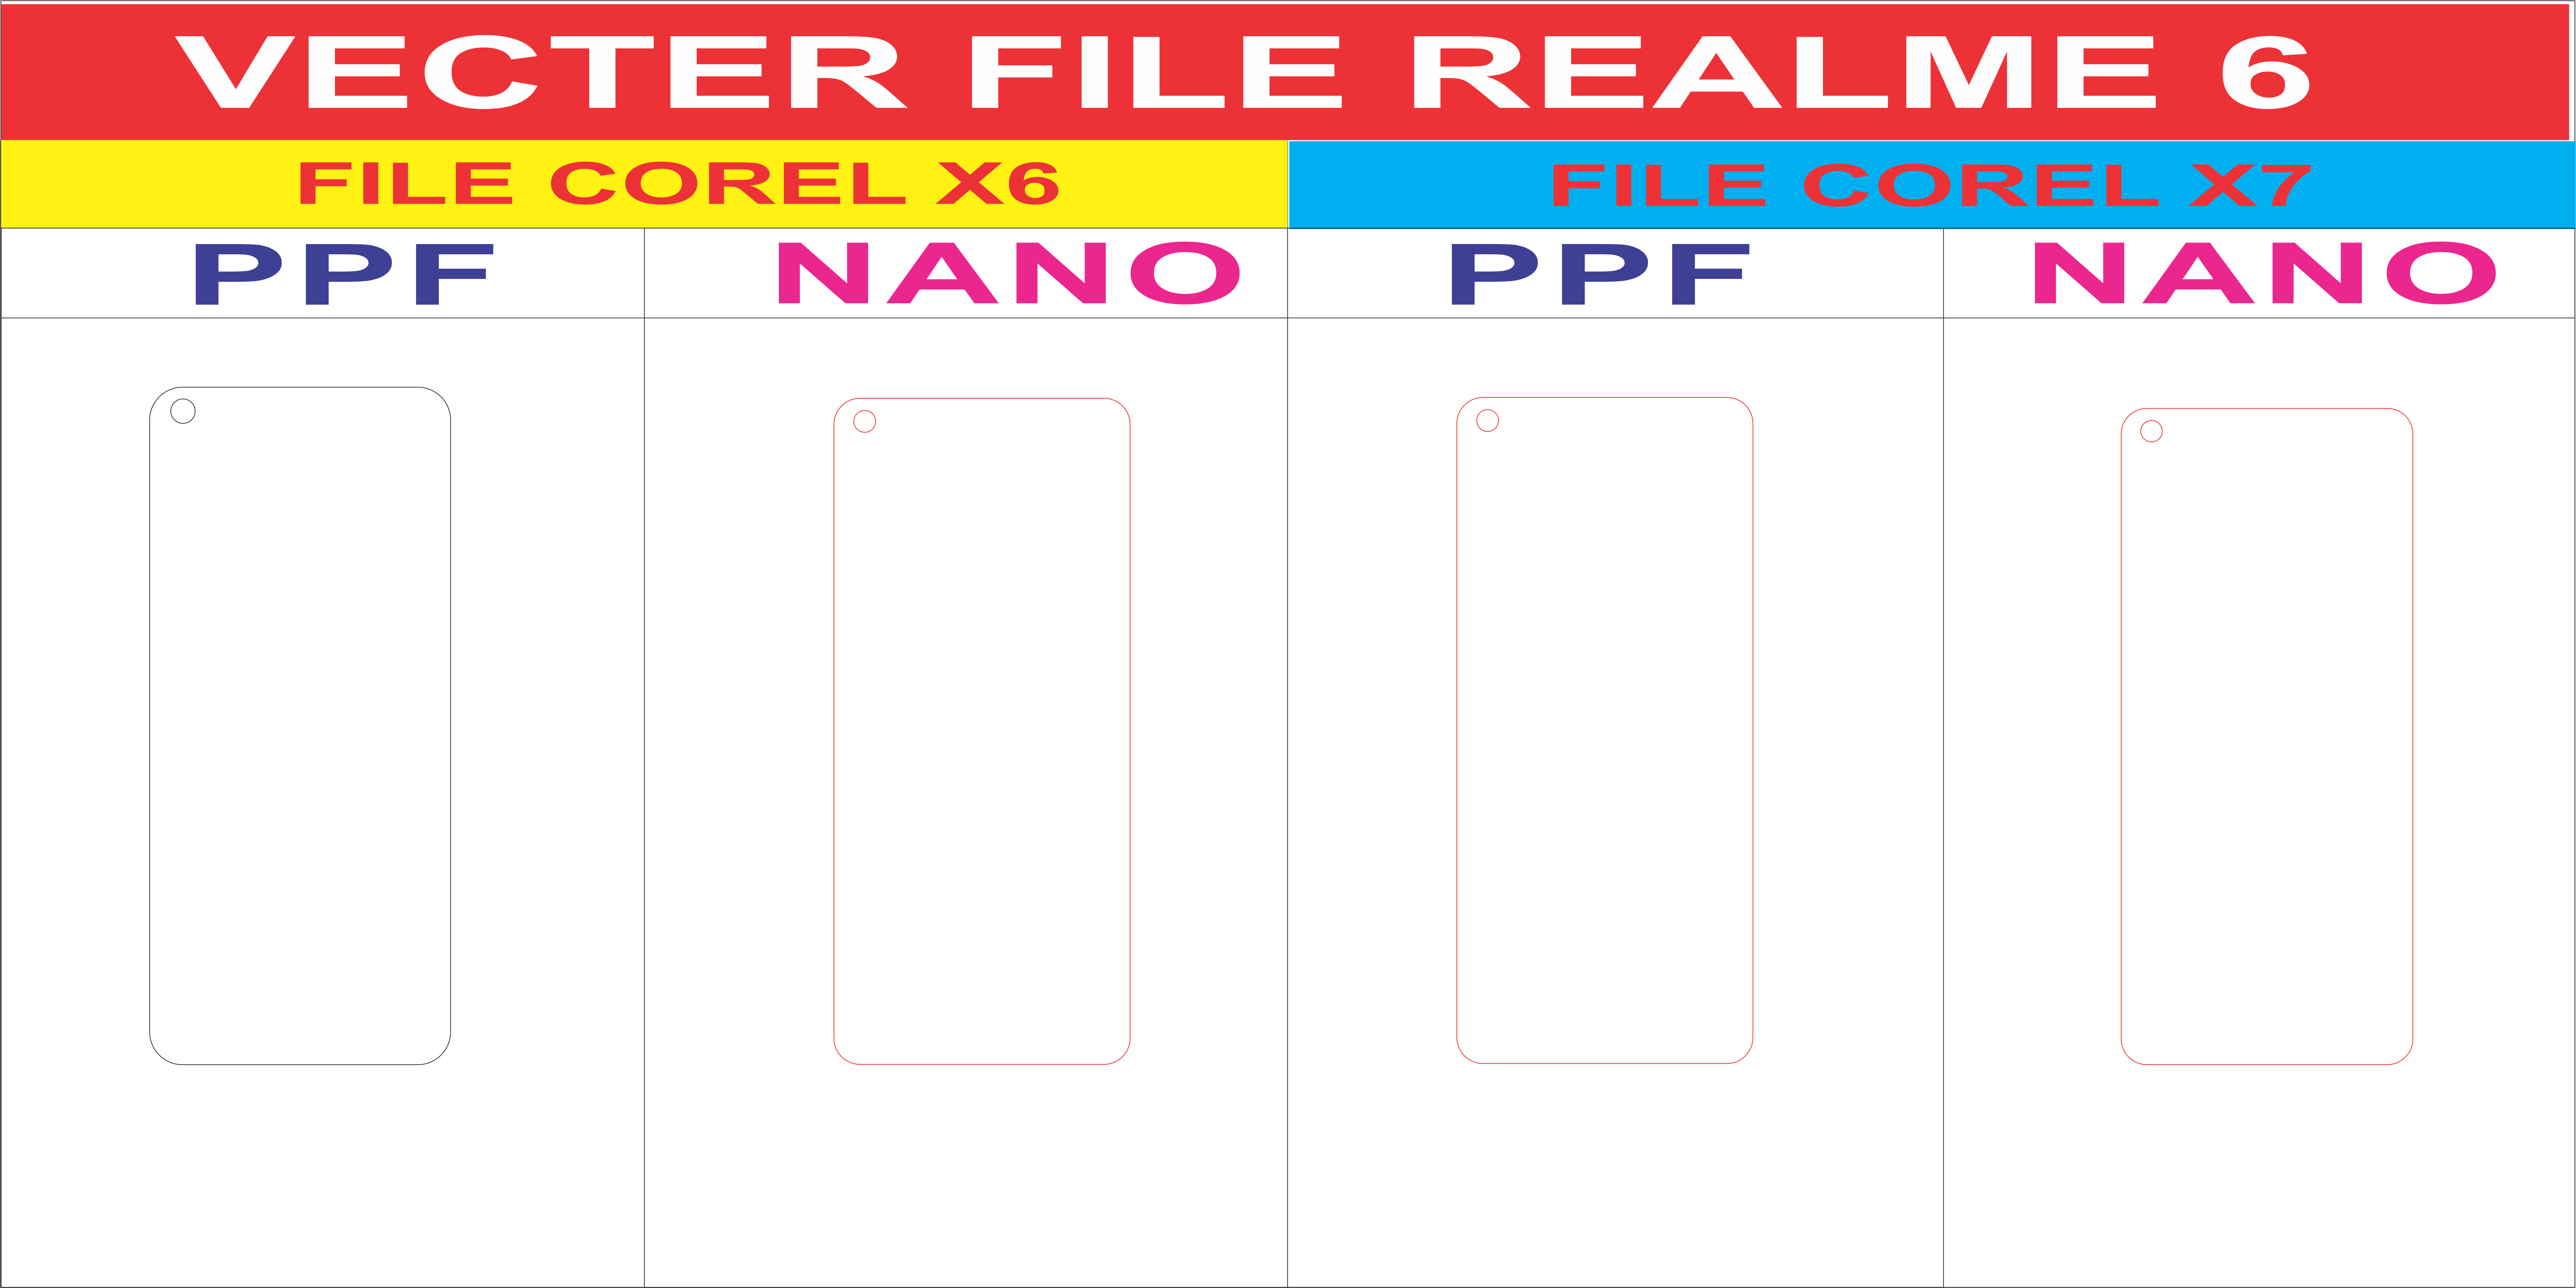 Free File Cường Lực REALME 6 Template Vector